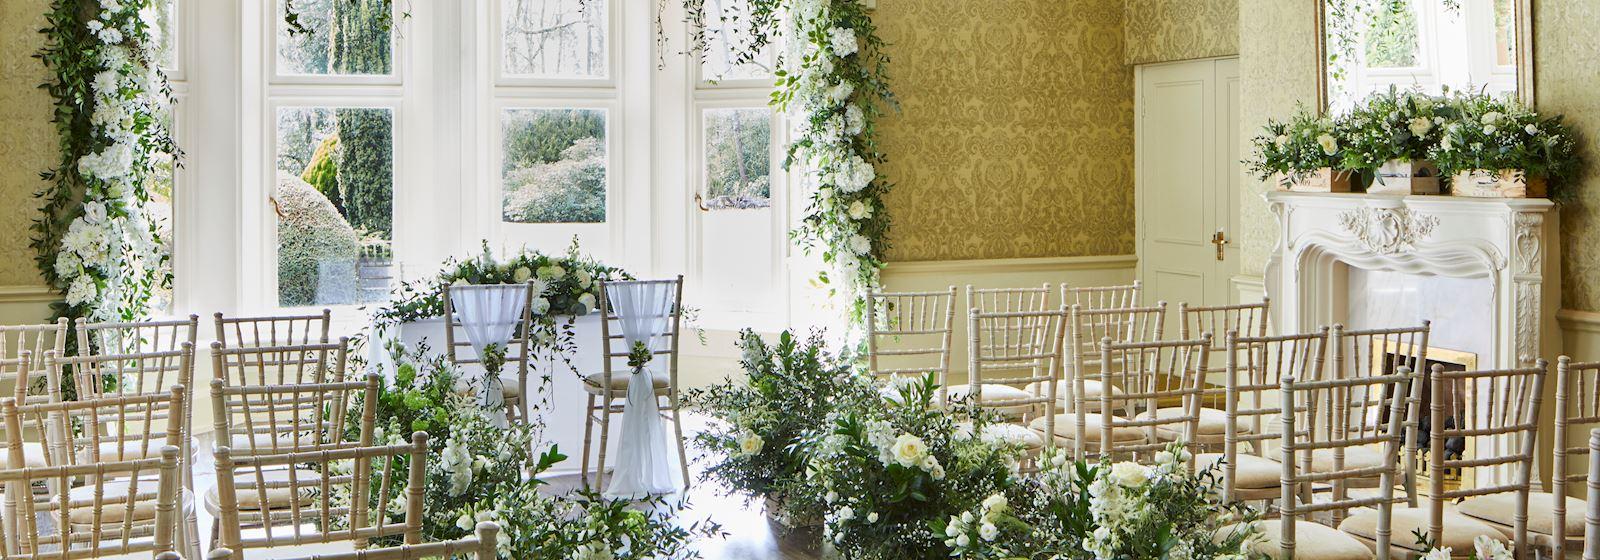 marriott wedding party venues preston